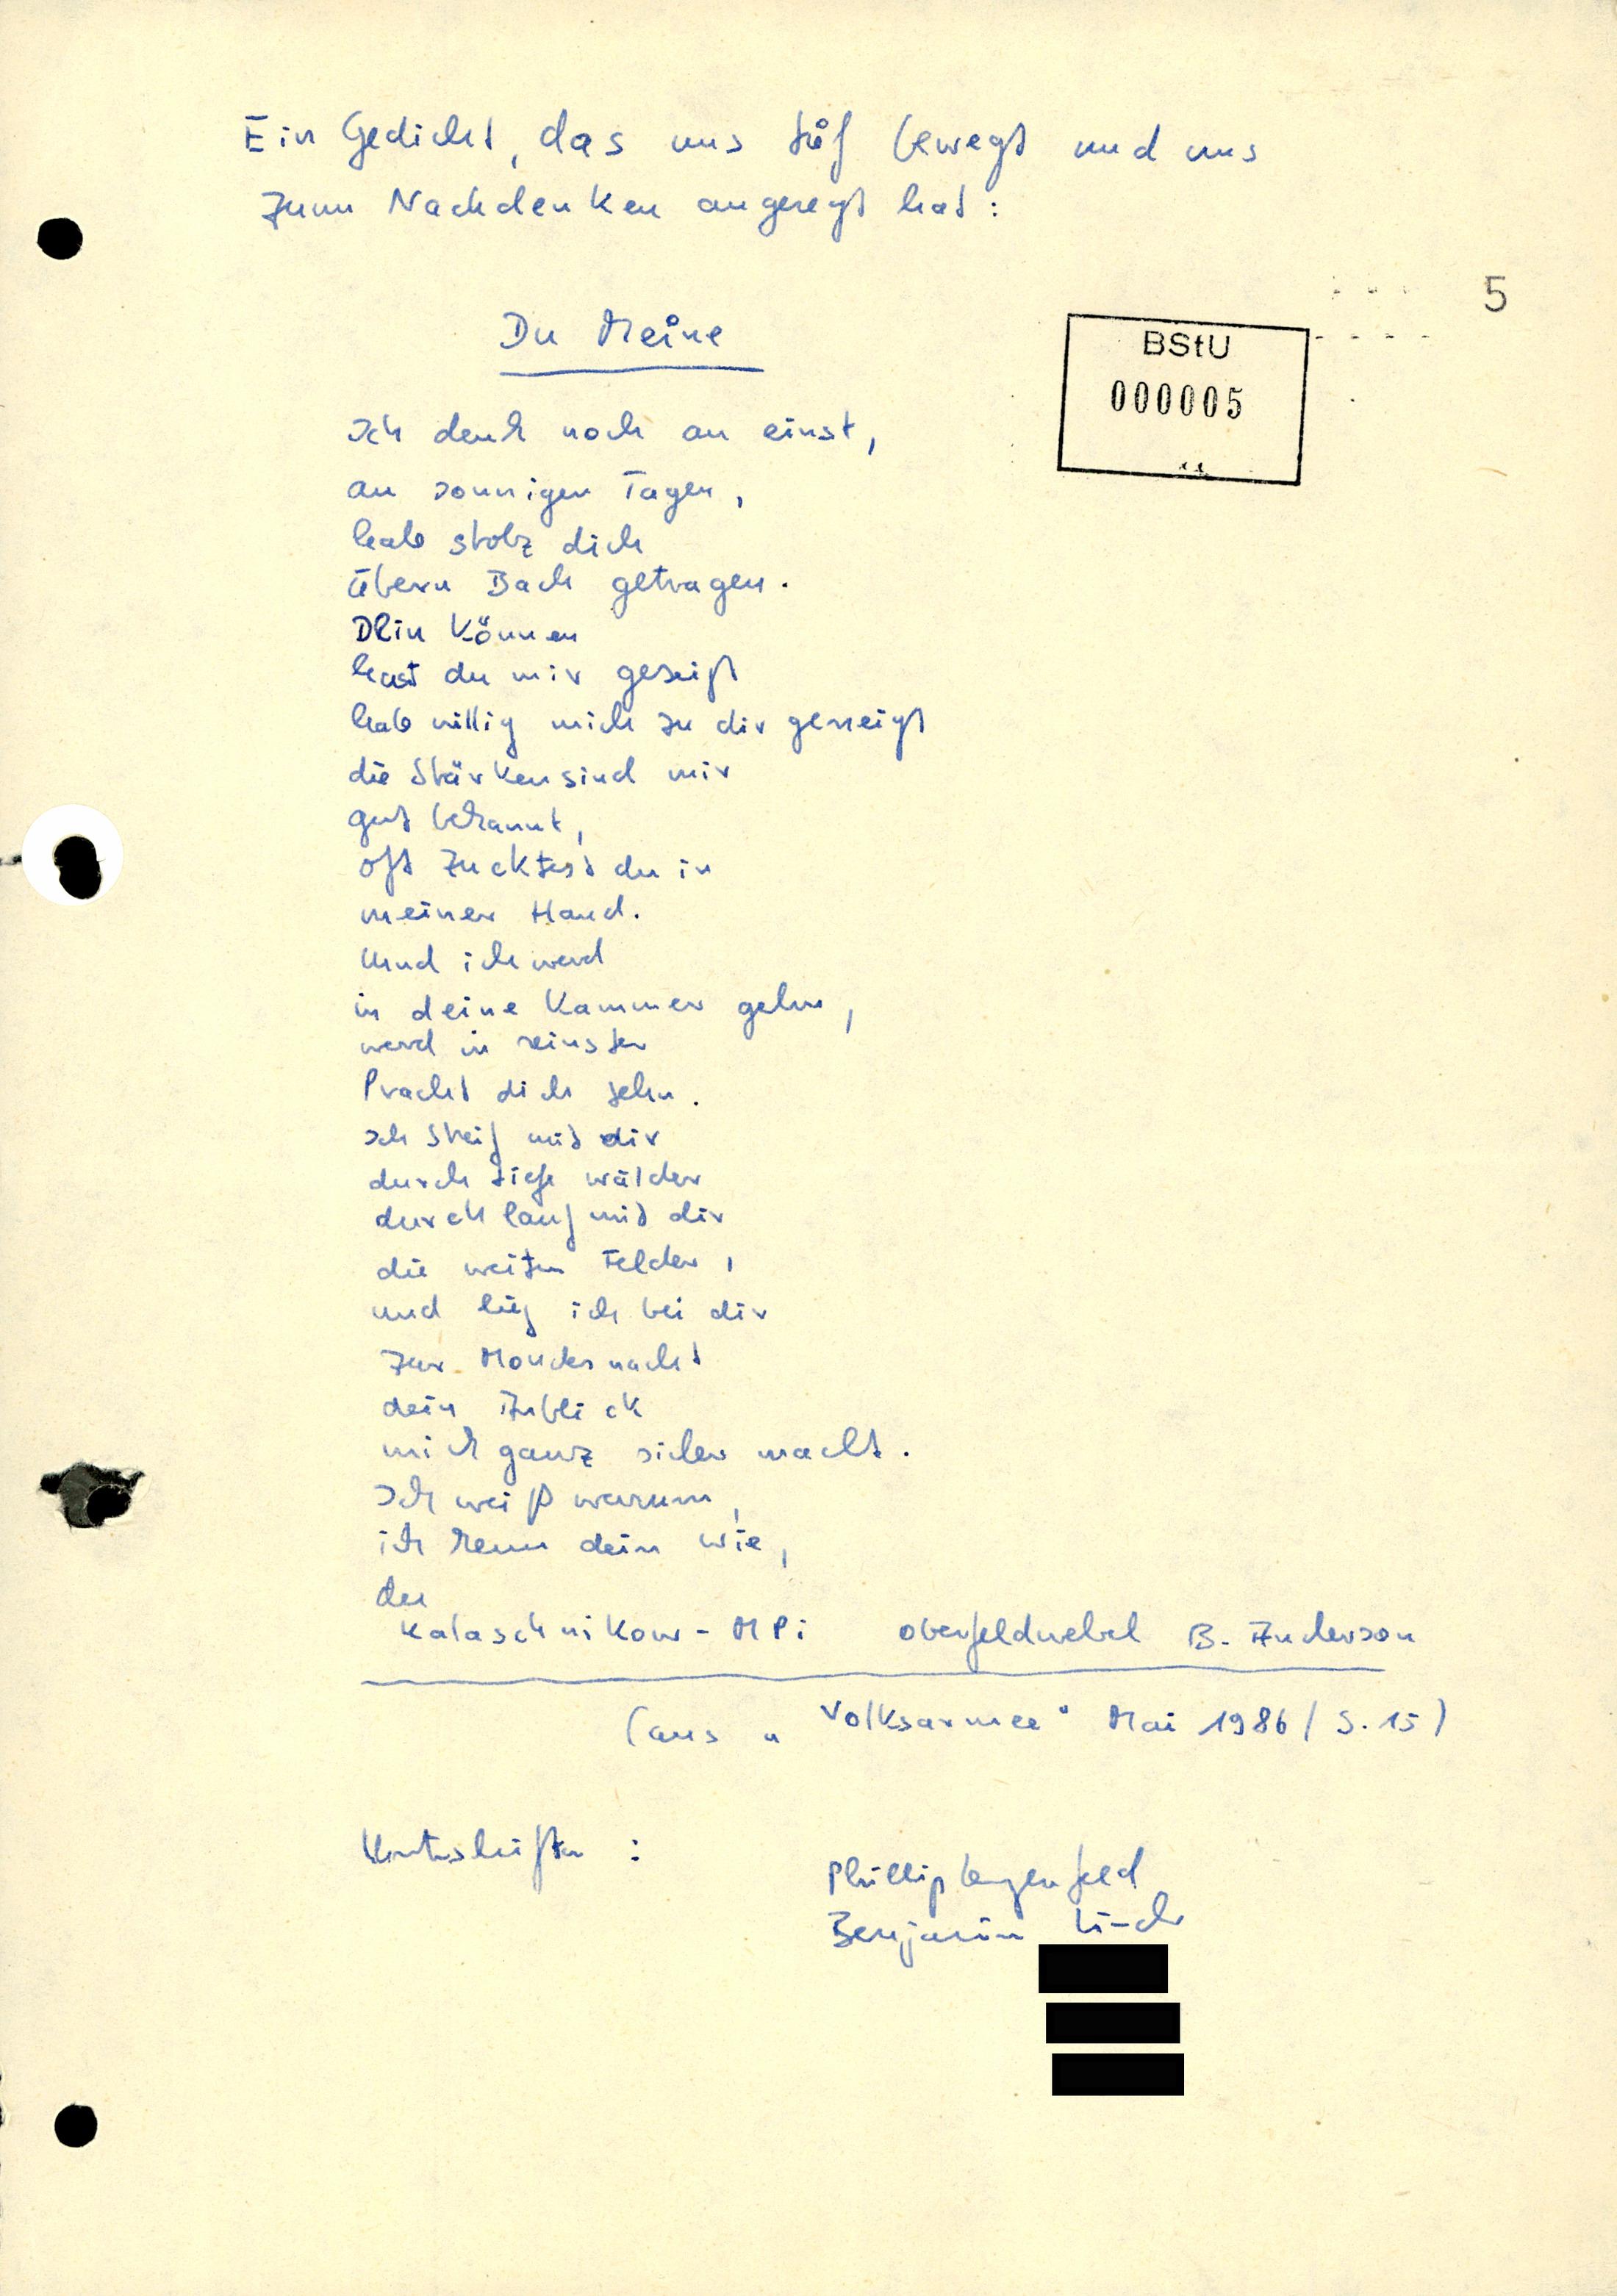 Gedicht Eines Soldaten Der Nationalen Volksarmee Nva Am